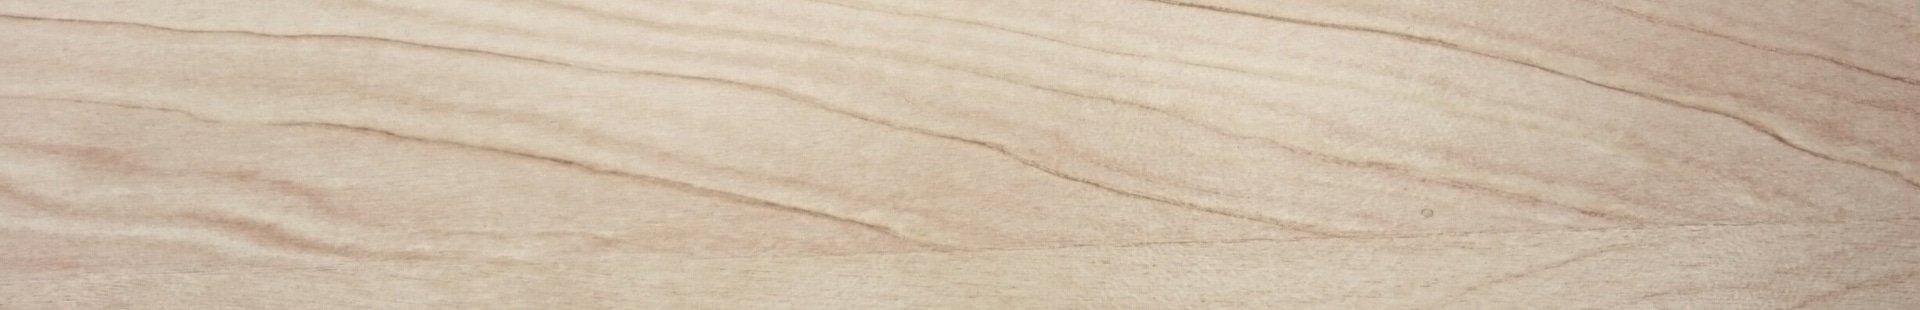 Pflege von Holz: Birke